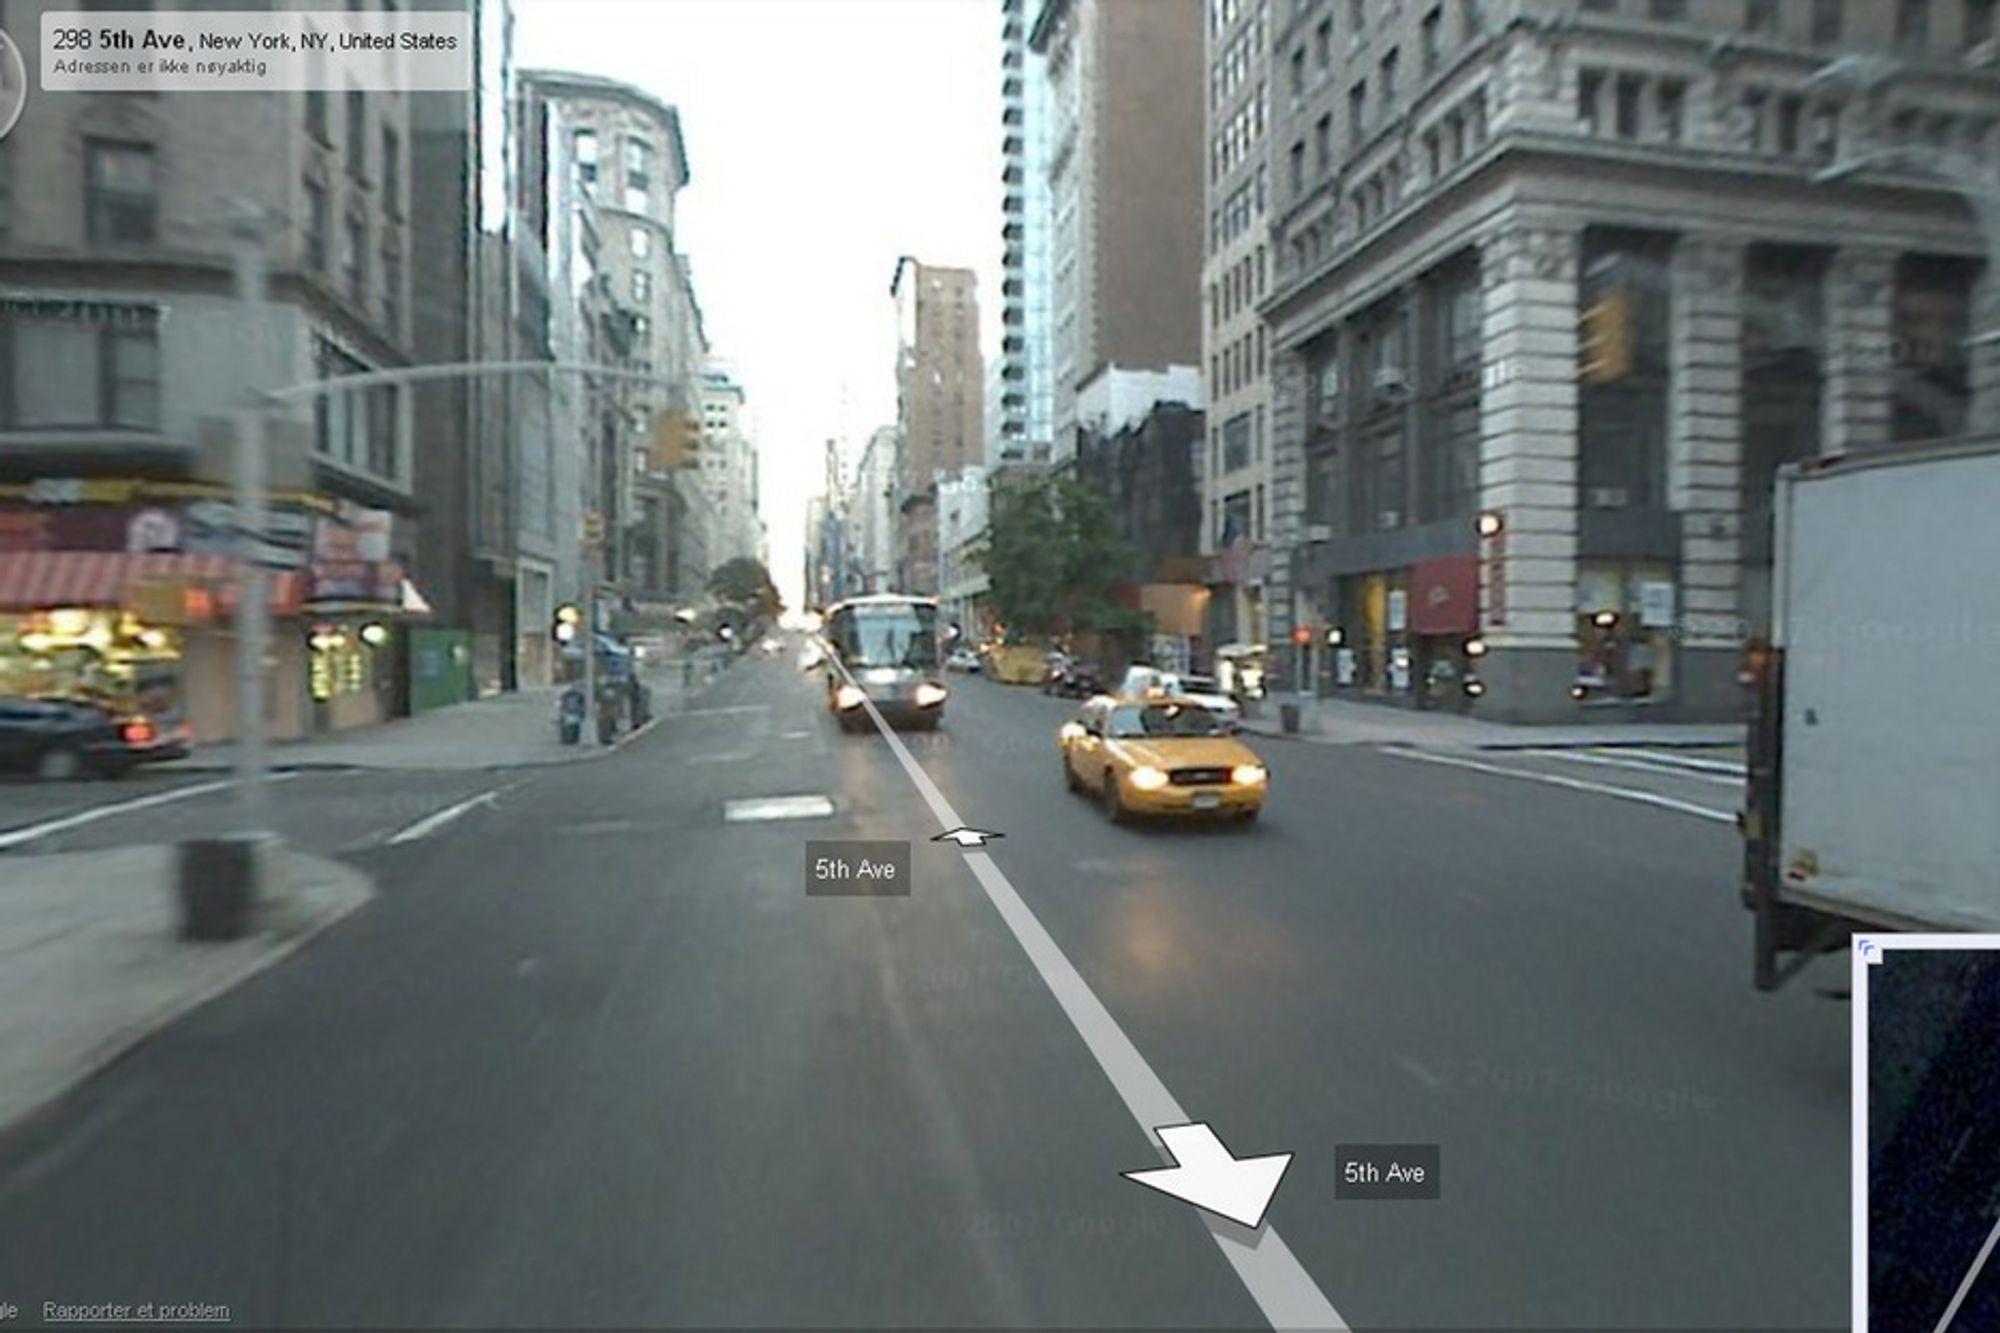 Googles Street View-tjeneste blir tilgjengelig i Norge snart. Her fra 5th Avenue i New York.